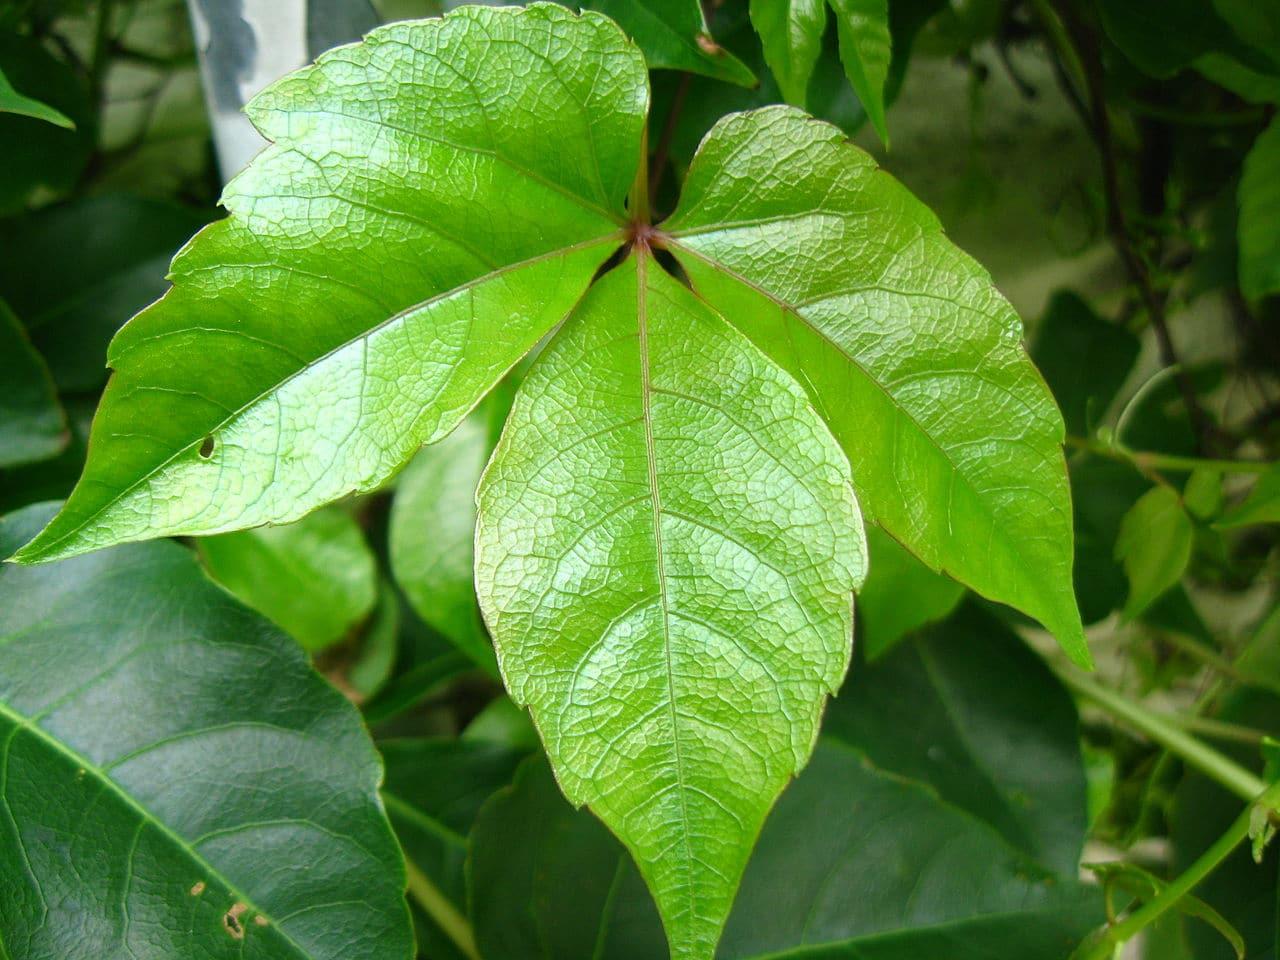 El Parthenocissus dalzielii tiene hojas trifoliadas